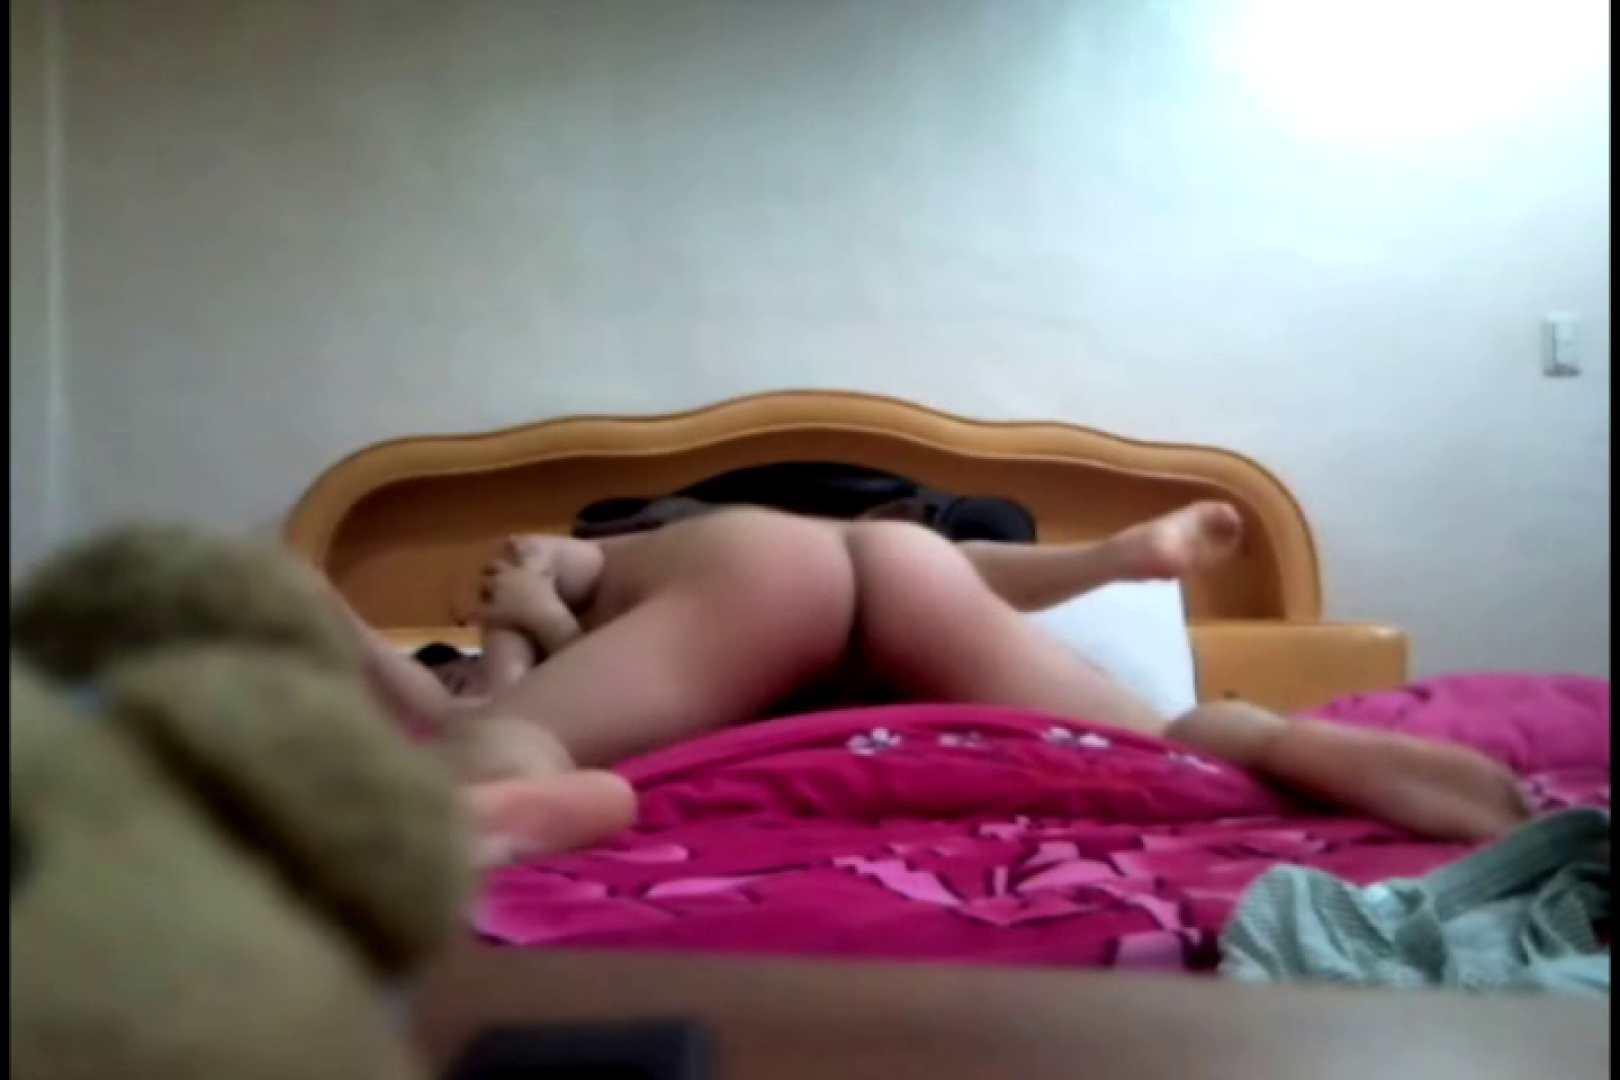 コリアン素人流出シリーズ ラブホテル隠し撮り お姉さんのセックス おめこ無修正画像 97枚 39